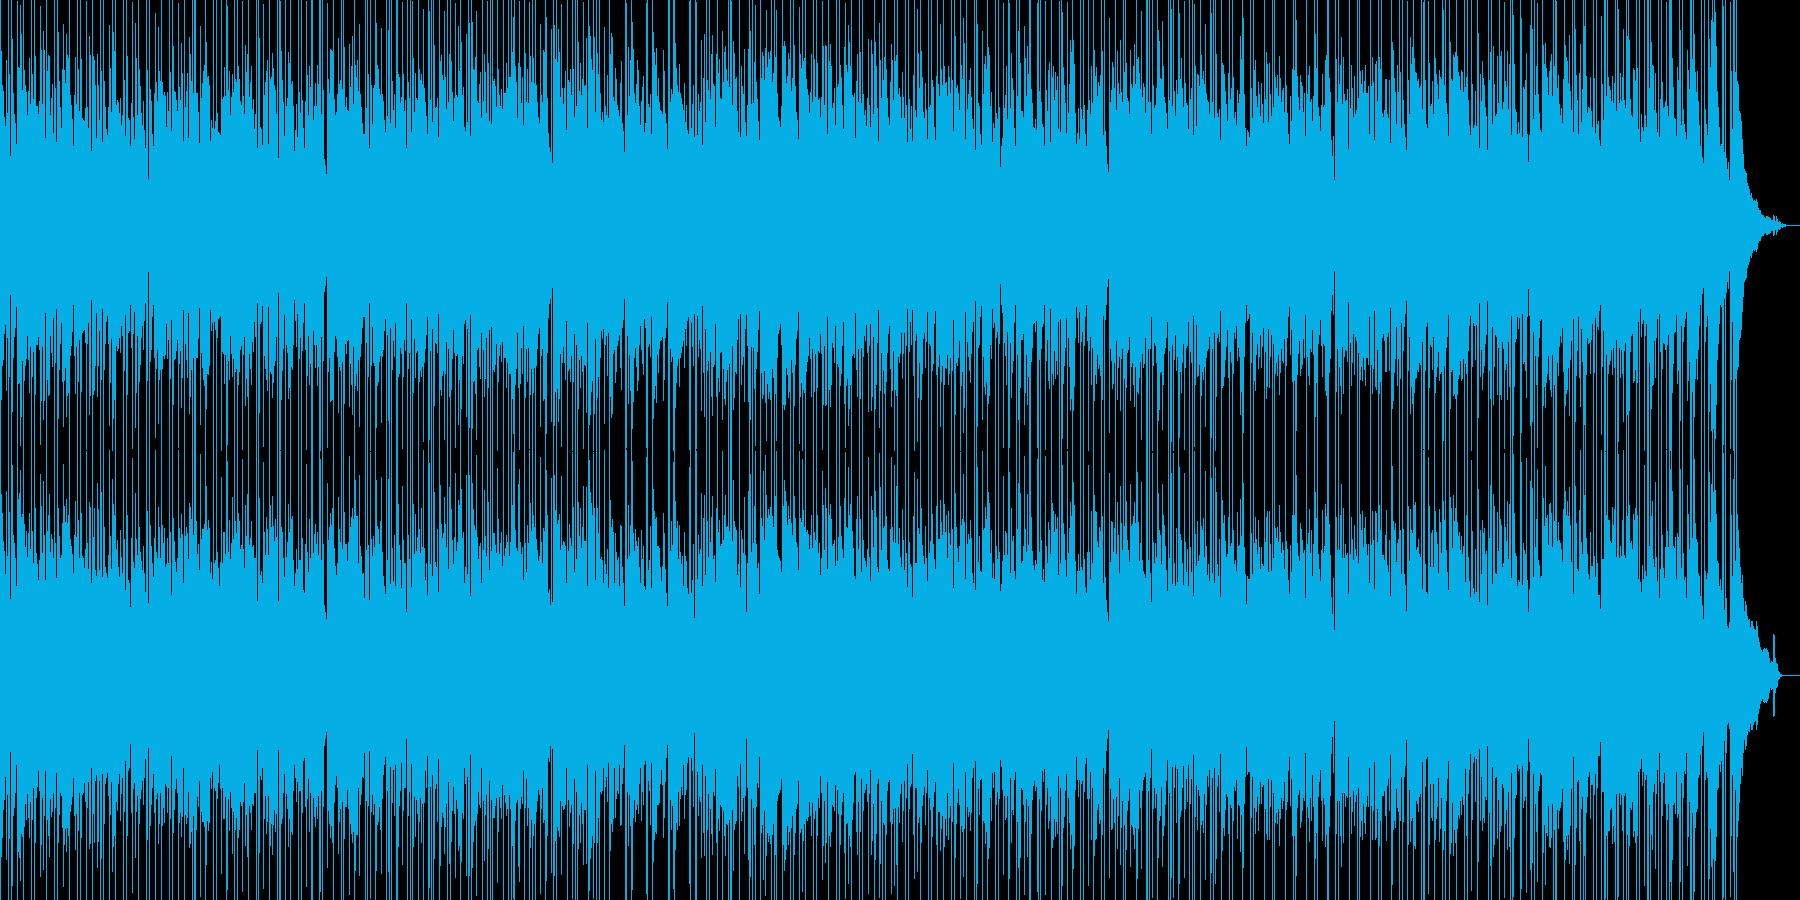 エレキギター アンサンブルの再生済みの波形